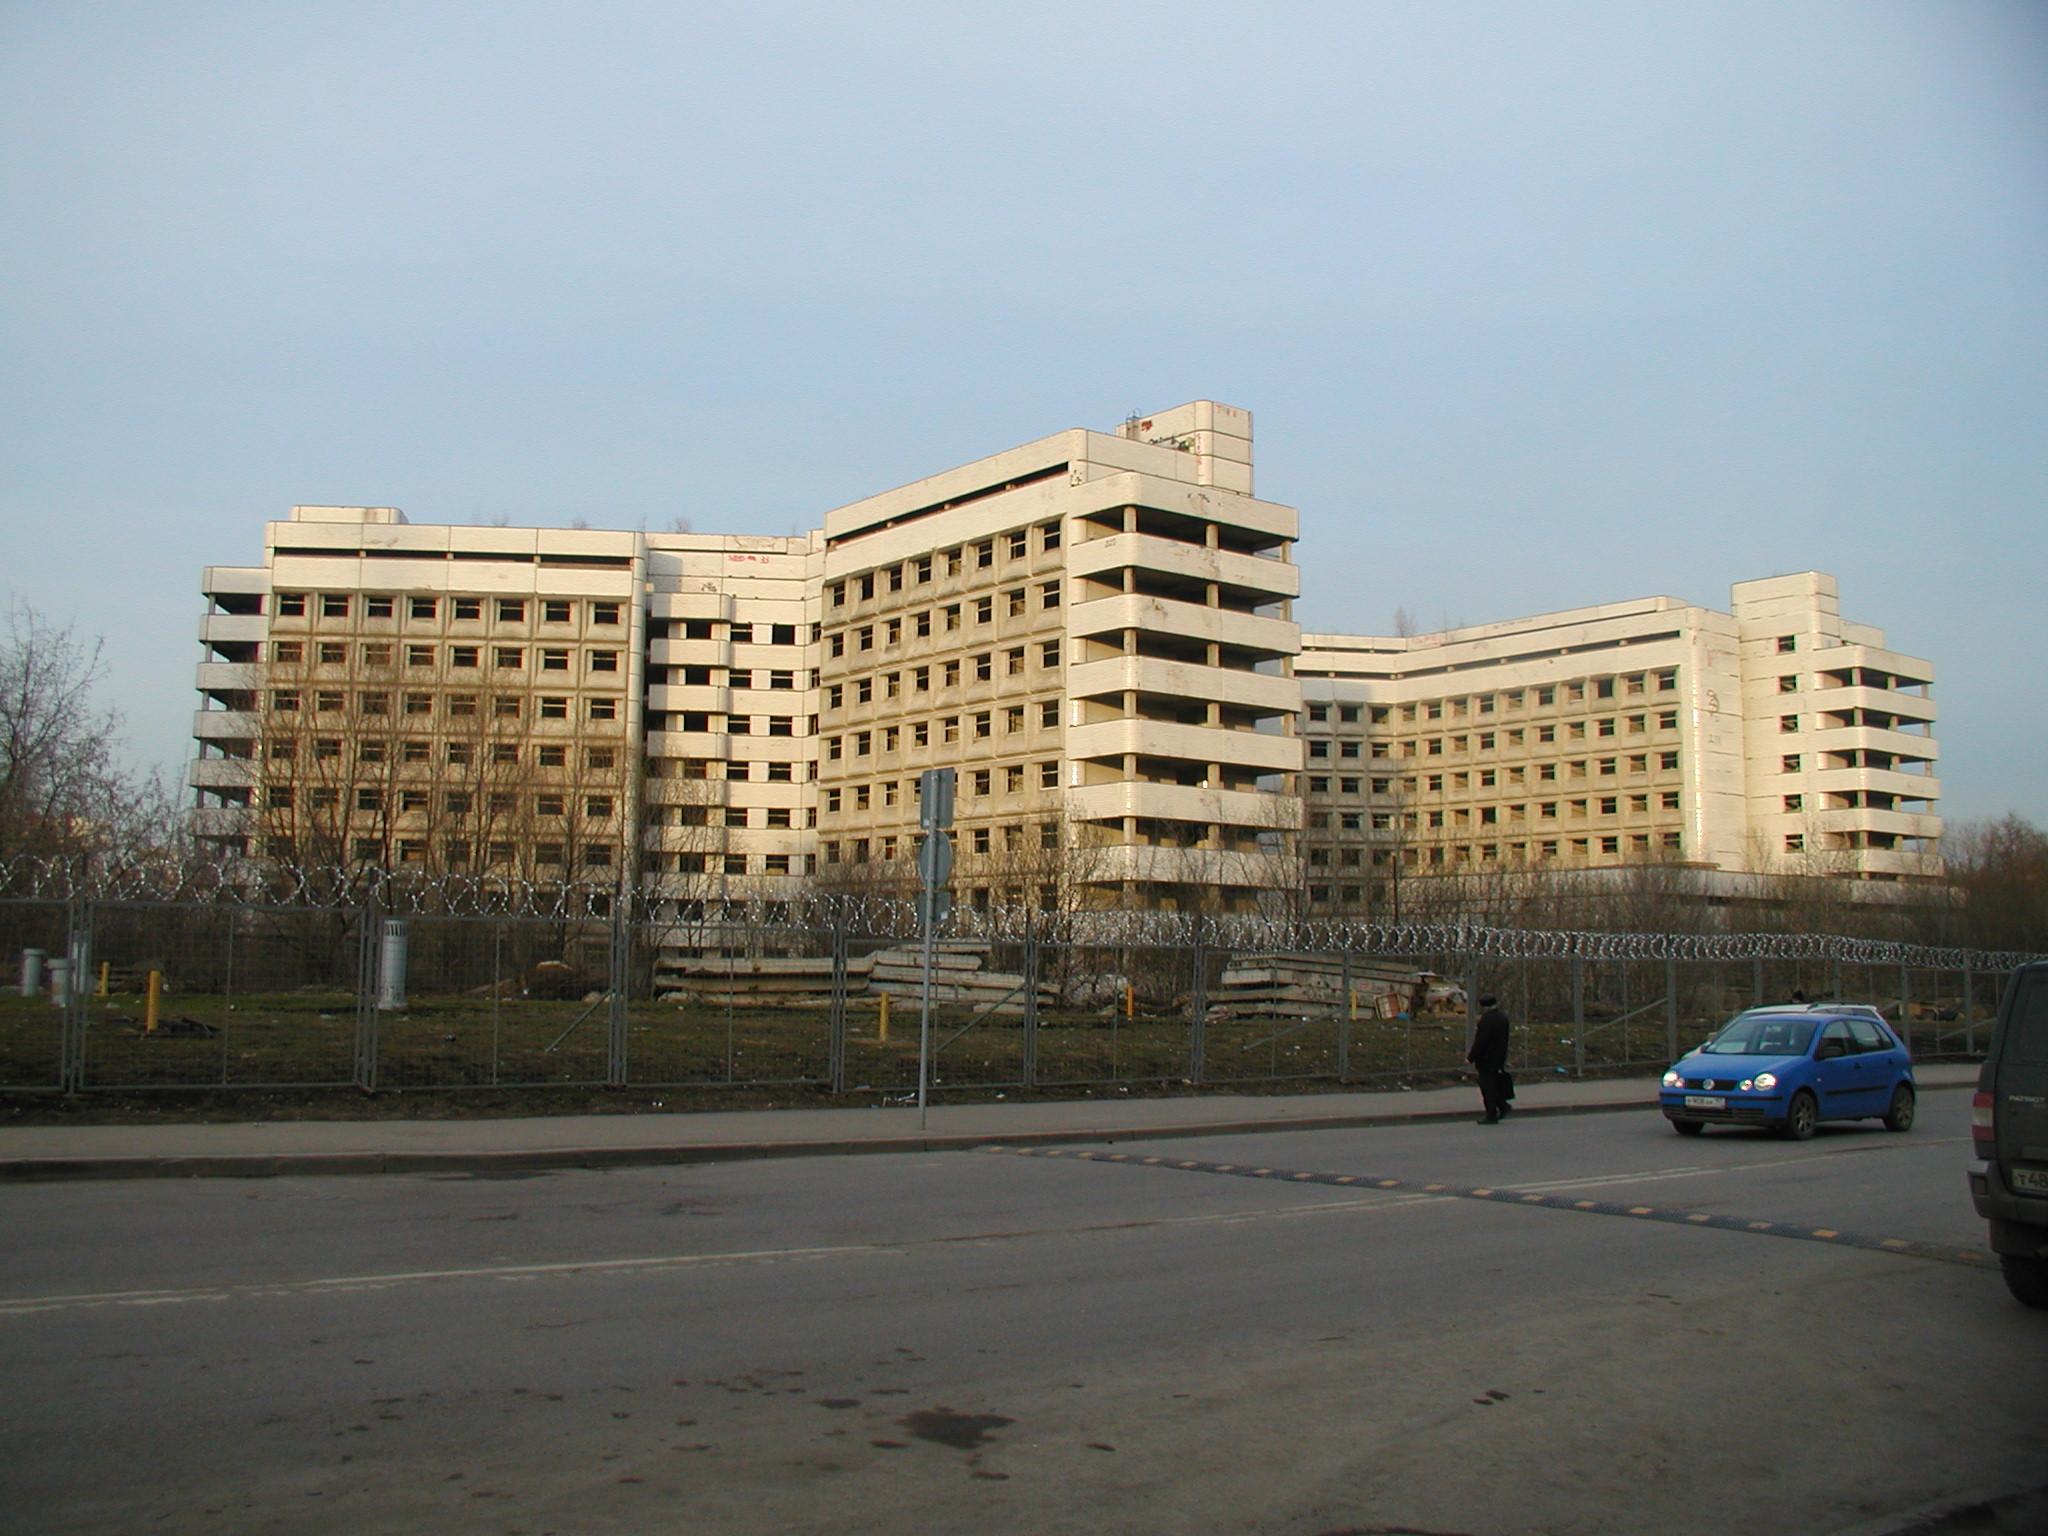 Фильм ужасов снимут в недостроенной Московской больнице